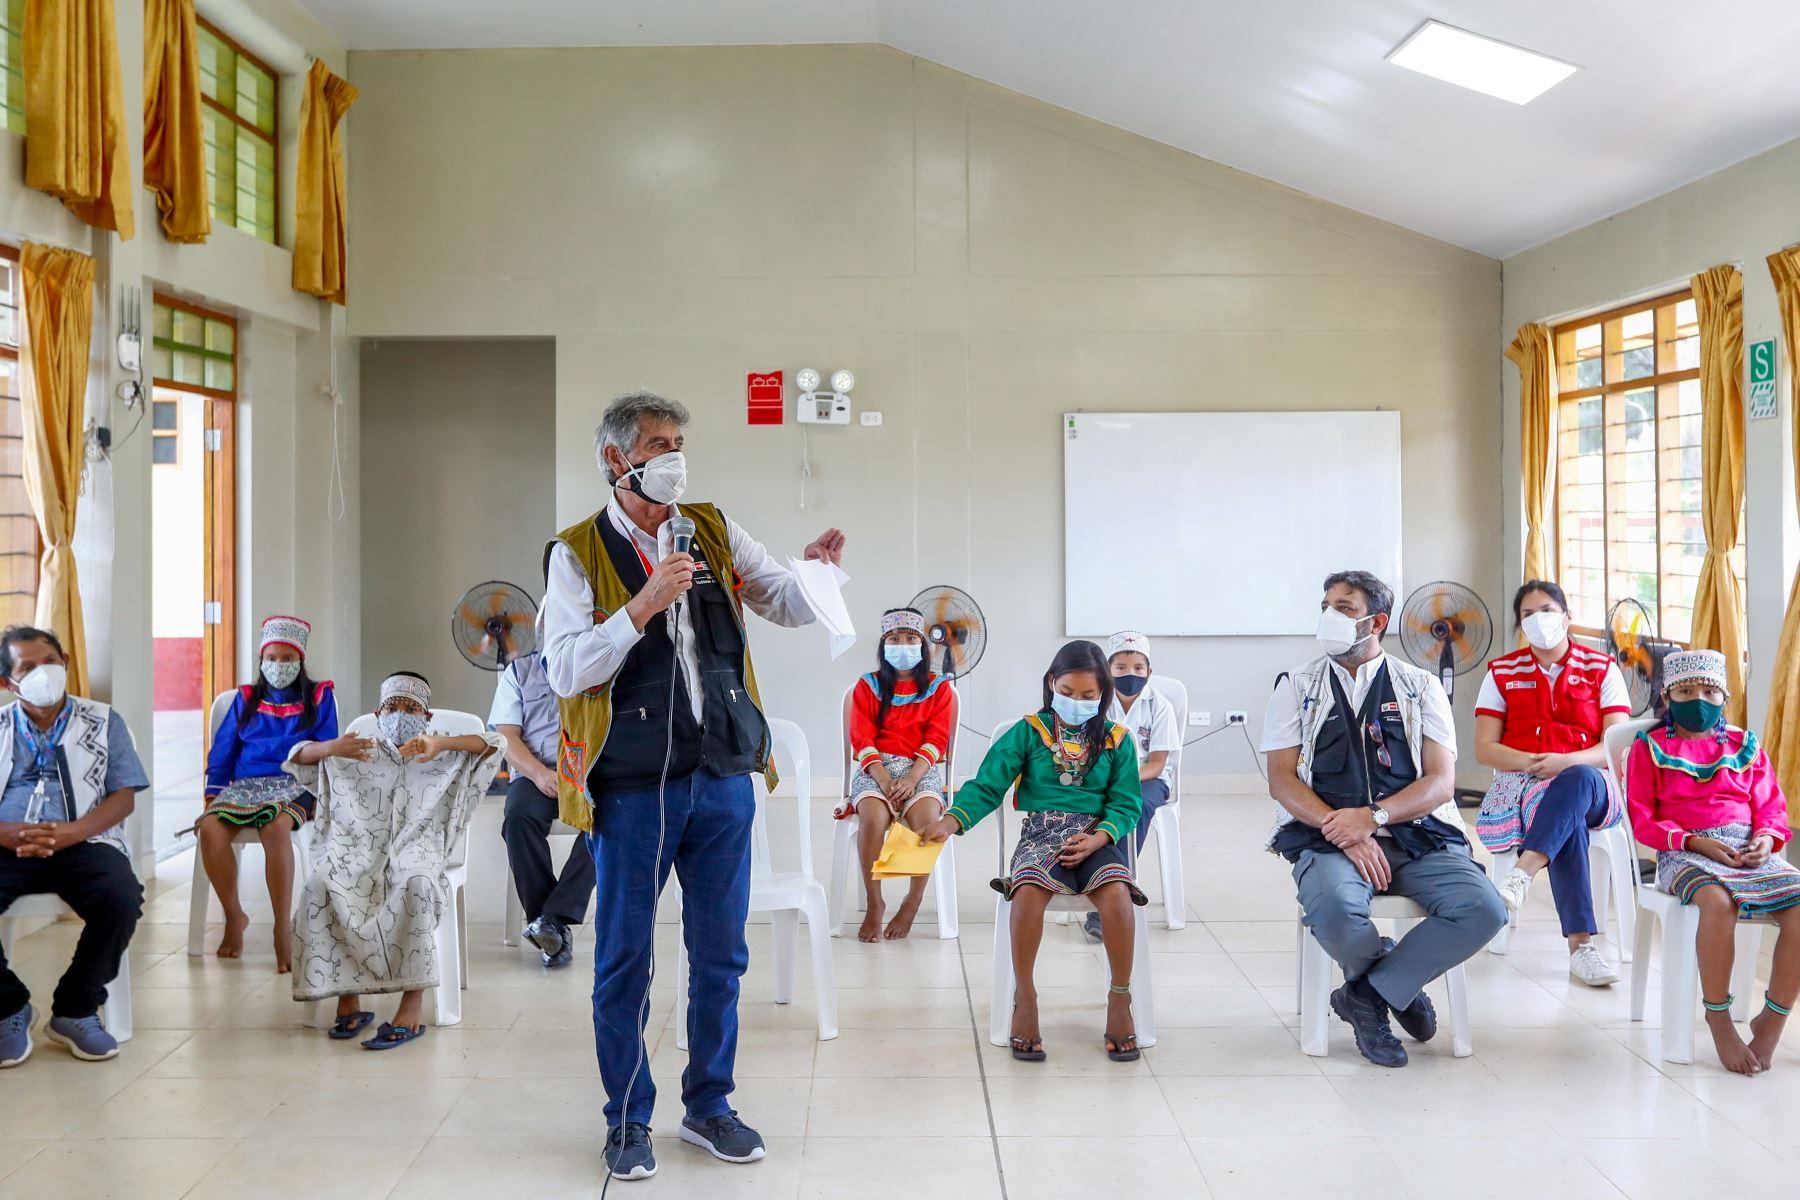 El presidente de la República, Francisco Sagasti, traslada hasta Pucallpa 21,990 dosis de la vacuna AstraZeneca para dar inicio a la inmunización de adultos mayores de la región Ucayali. Foto: ANDINA/ Prensa Presidencia